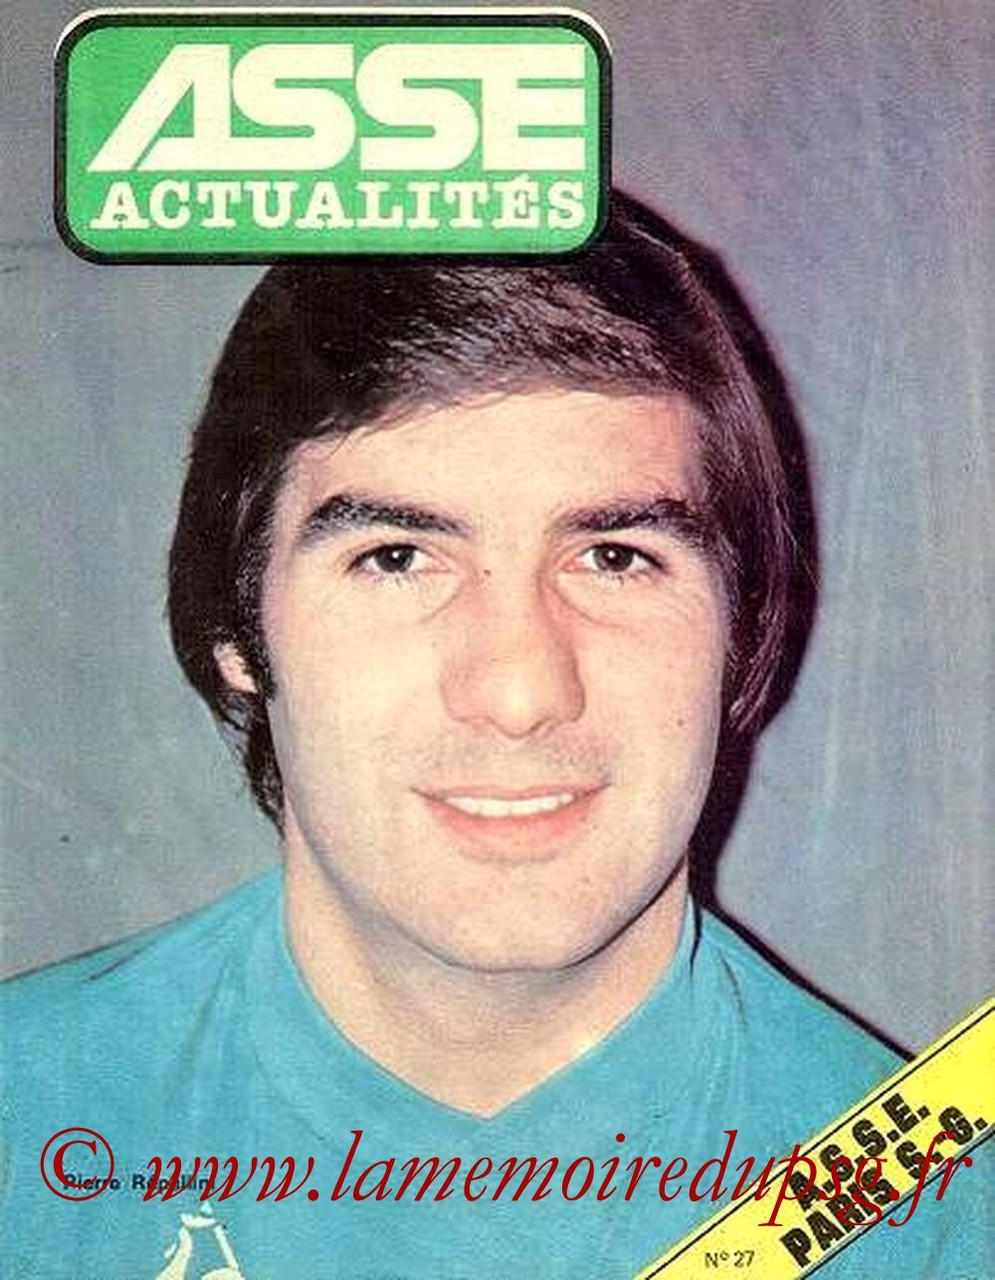 1979-02-04  Saint Etienne-PSG (26ème D1, ASSE Actualités N°27)